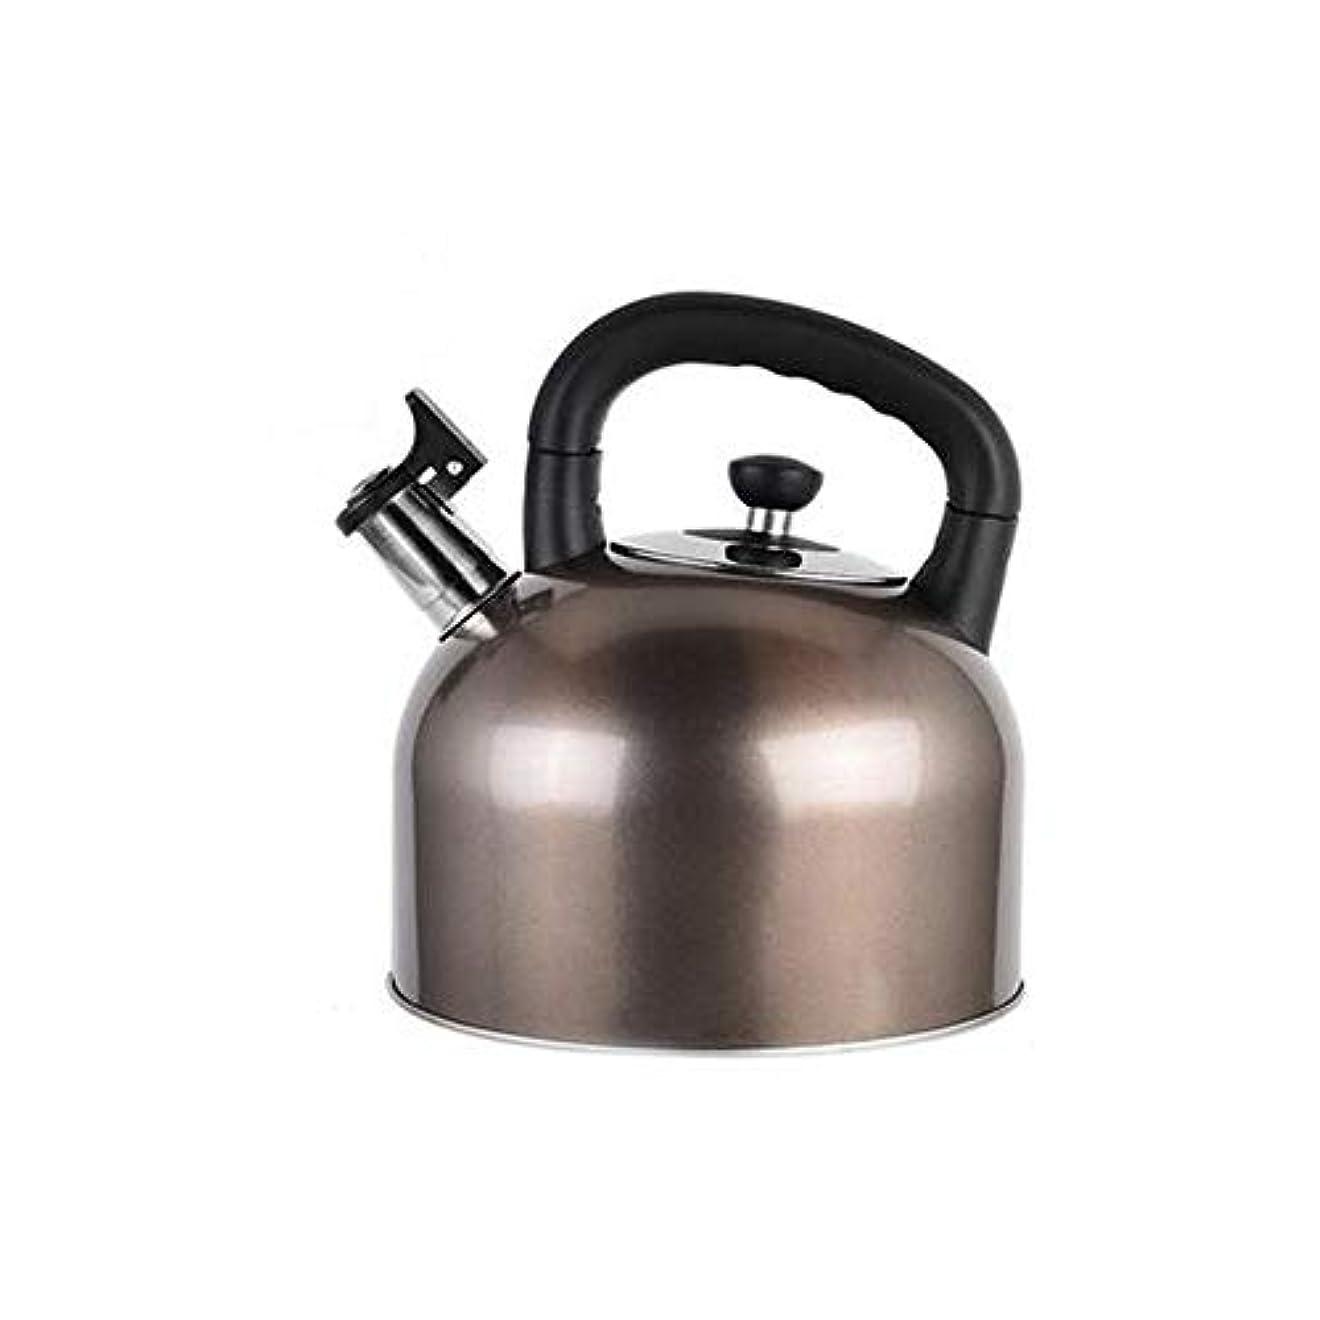 非アクティブマーキー塊Fengshangshanghang ゴージャスなティーポット - 私の最速の沸騰、高品質304ステンレス鋼のティーポット - 大容量4L-5L-6L-銀 多目的 (Capacity : 4L, Color : Gray)